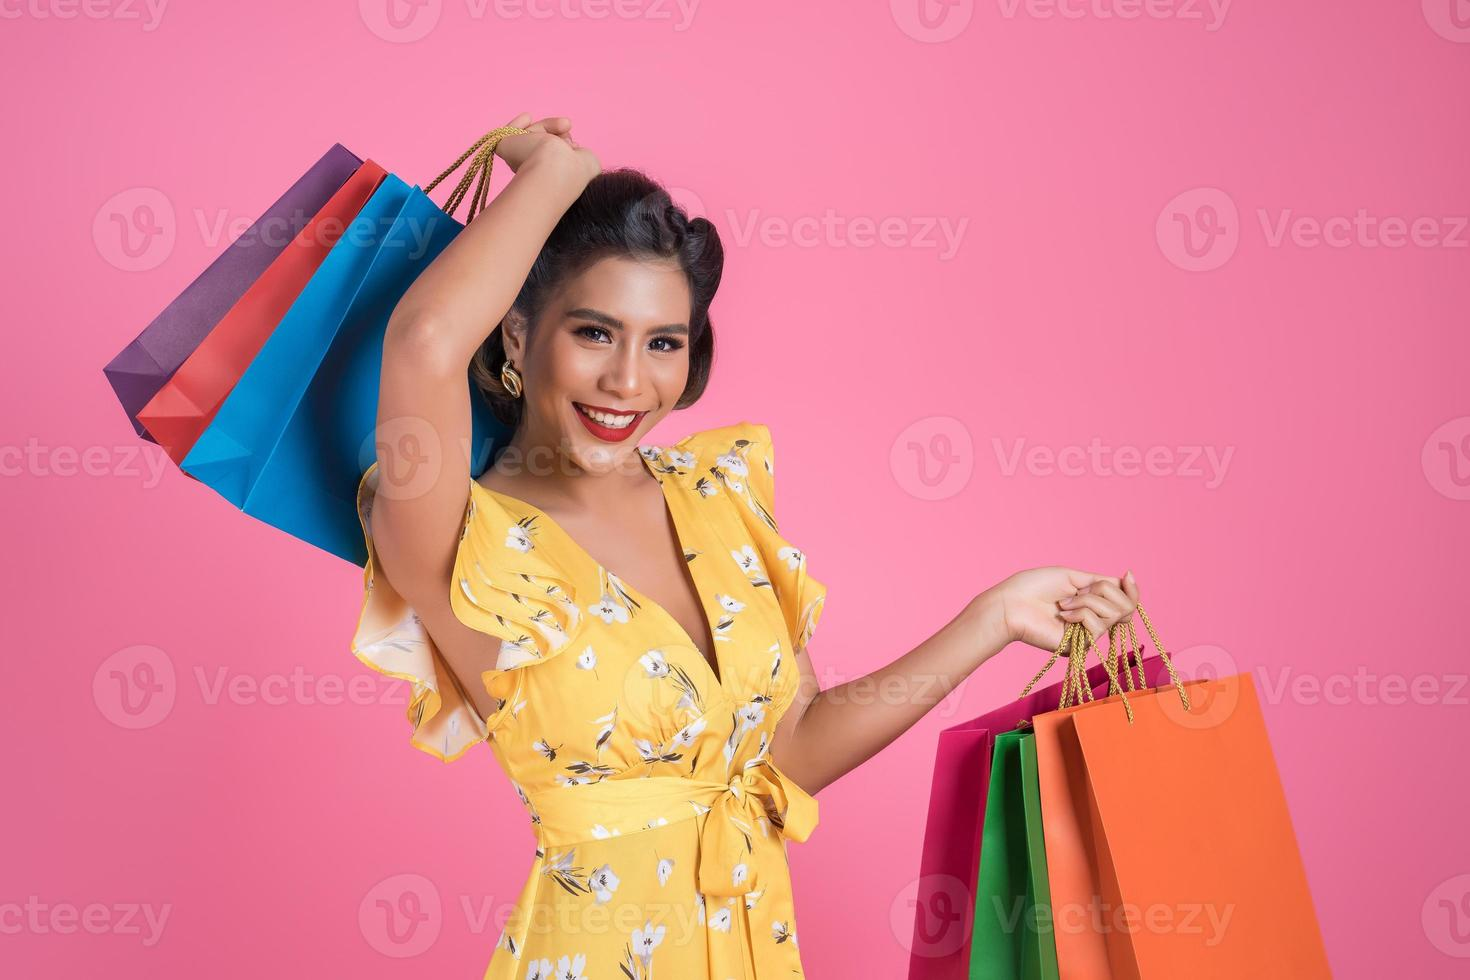 mooie Aziatische vrouw met gekleurde boodschappentassen foto